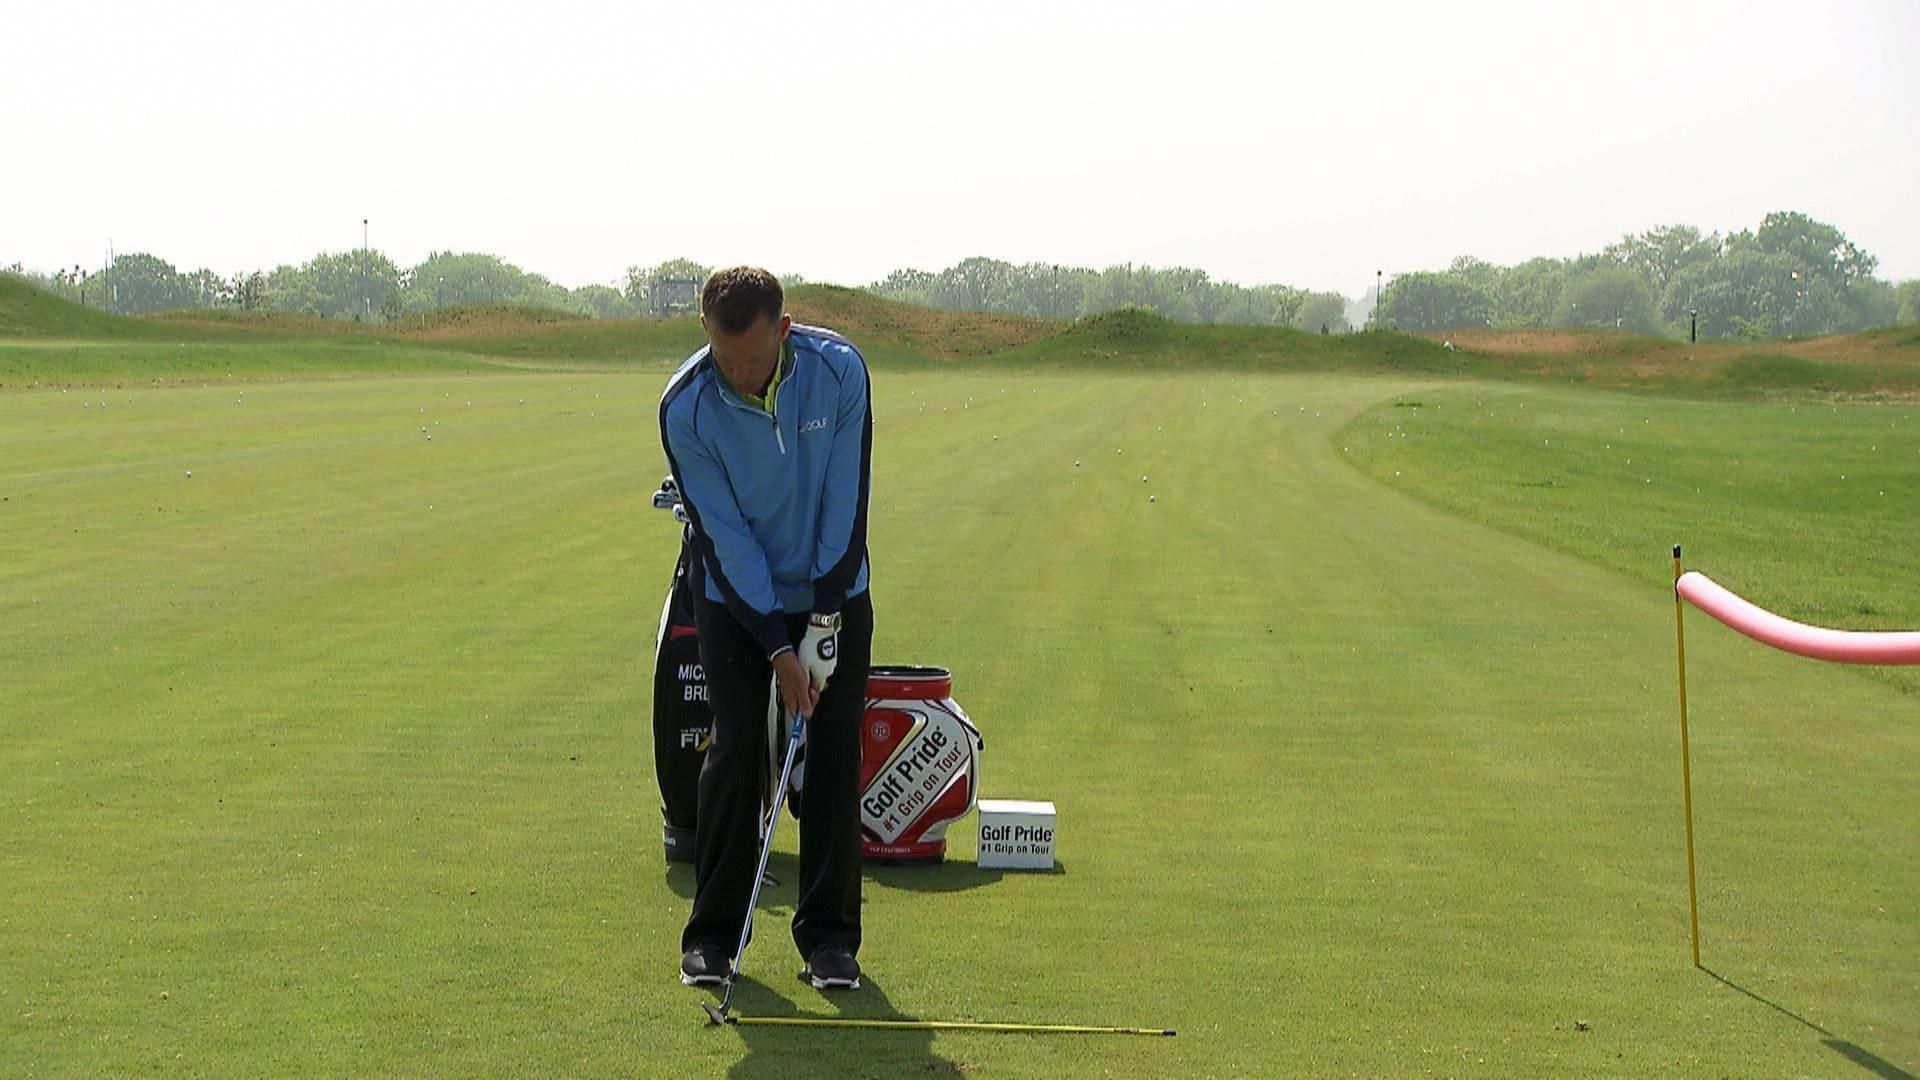 Golf Tips On Driving GolfSwingTipsVideos Refferal